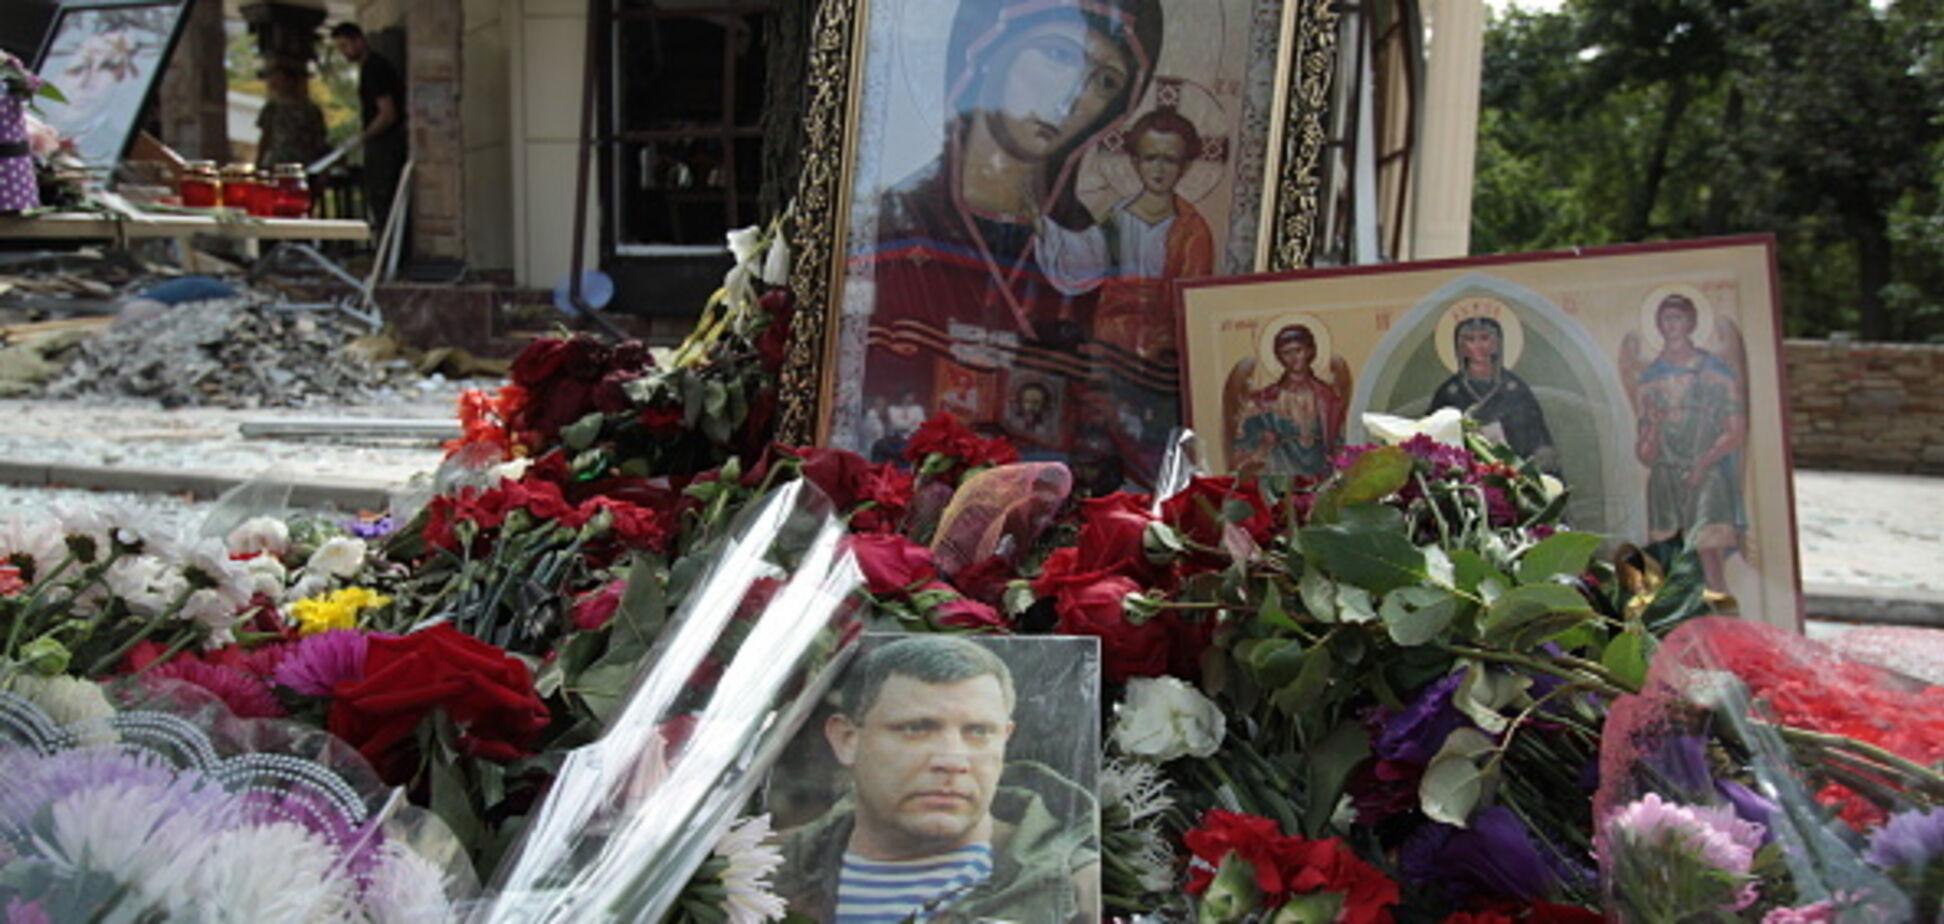 Ликвидация Захарченко: Кремль 'наехал' на Украину